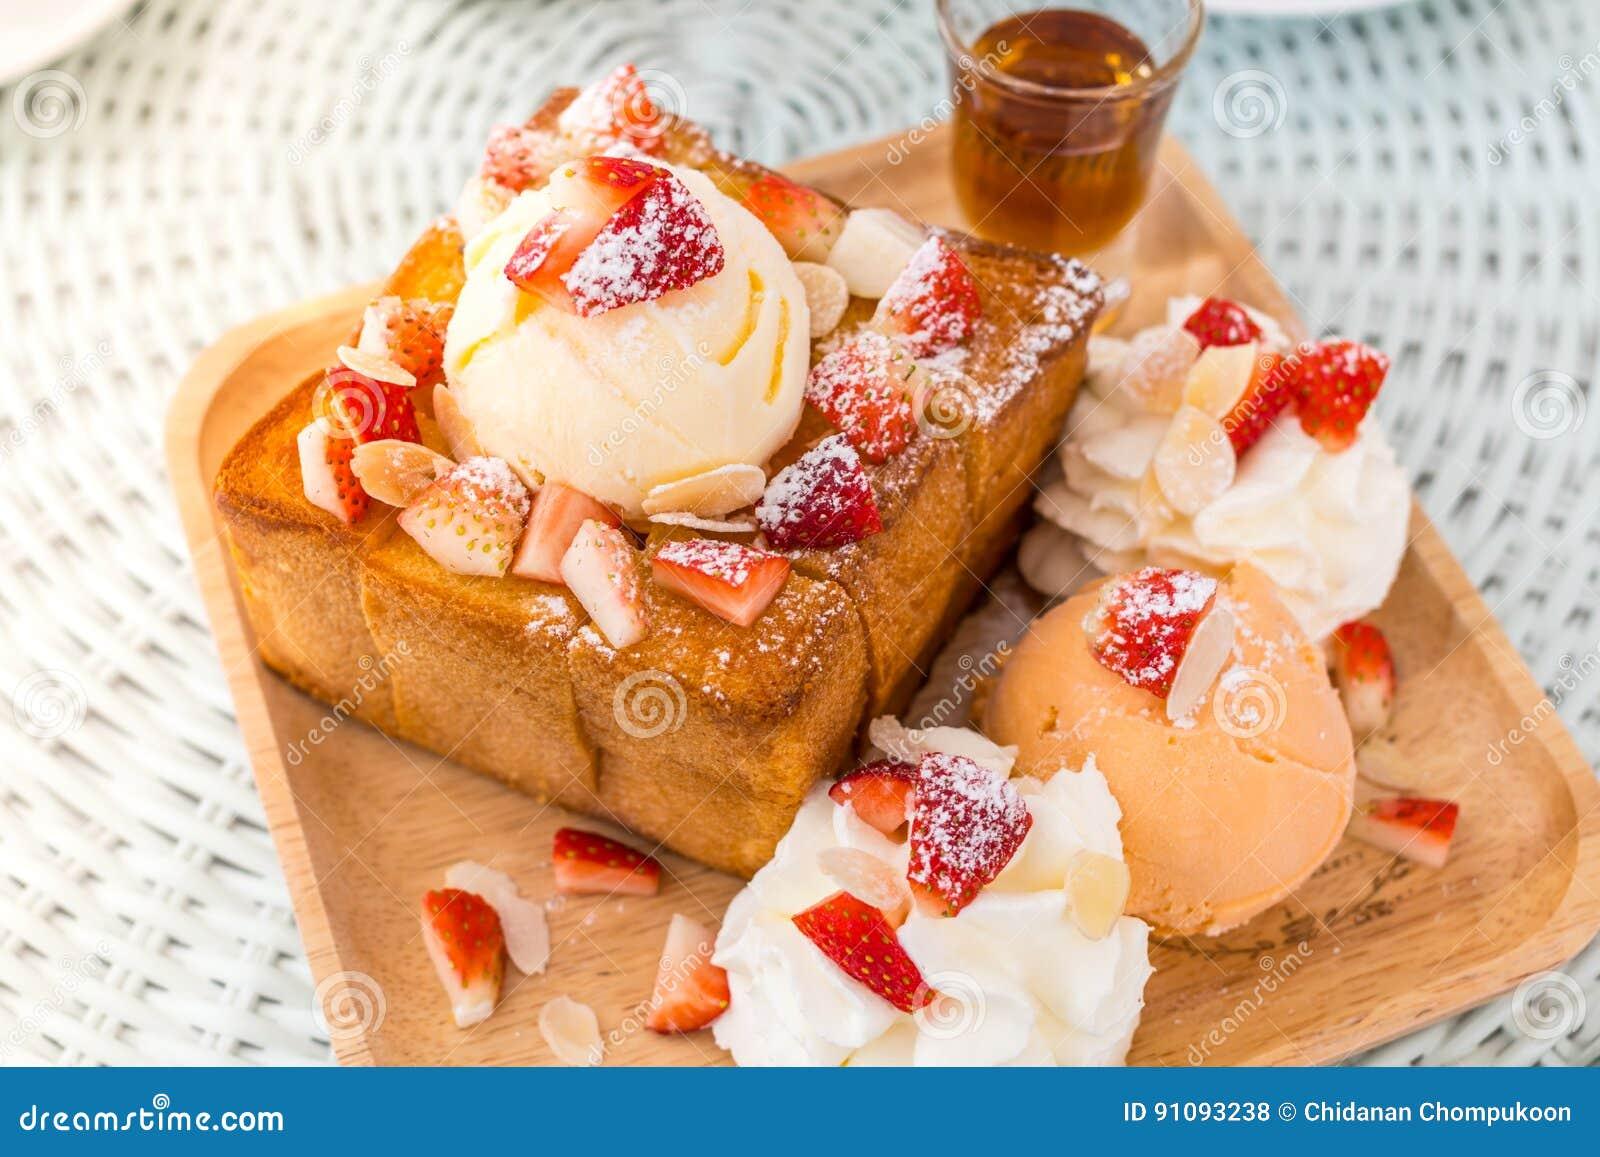 Dessert honey toast